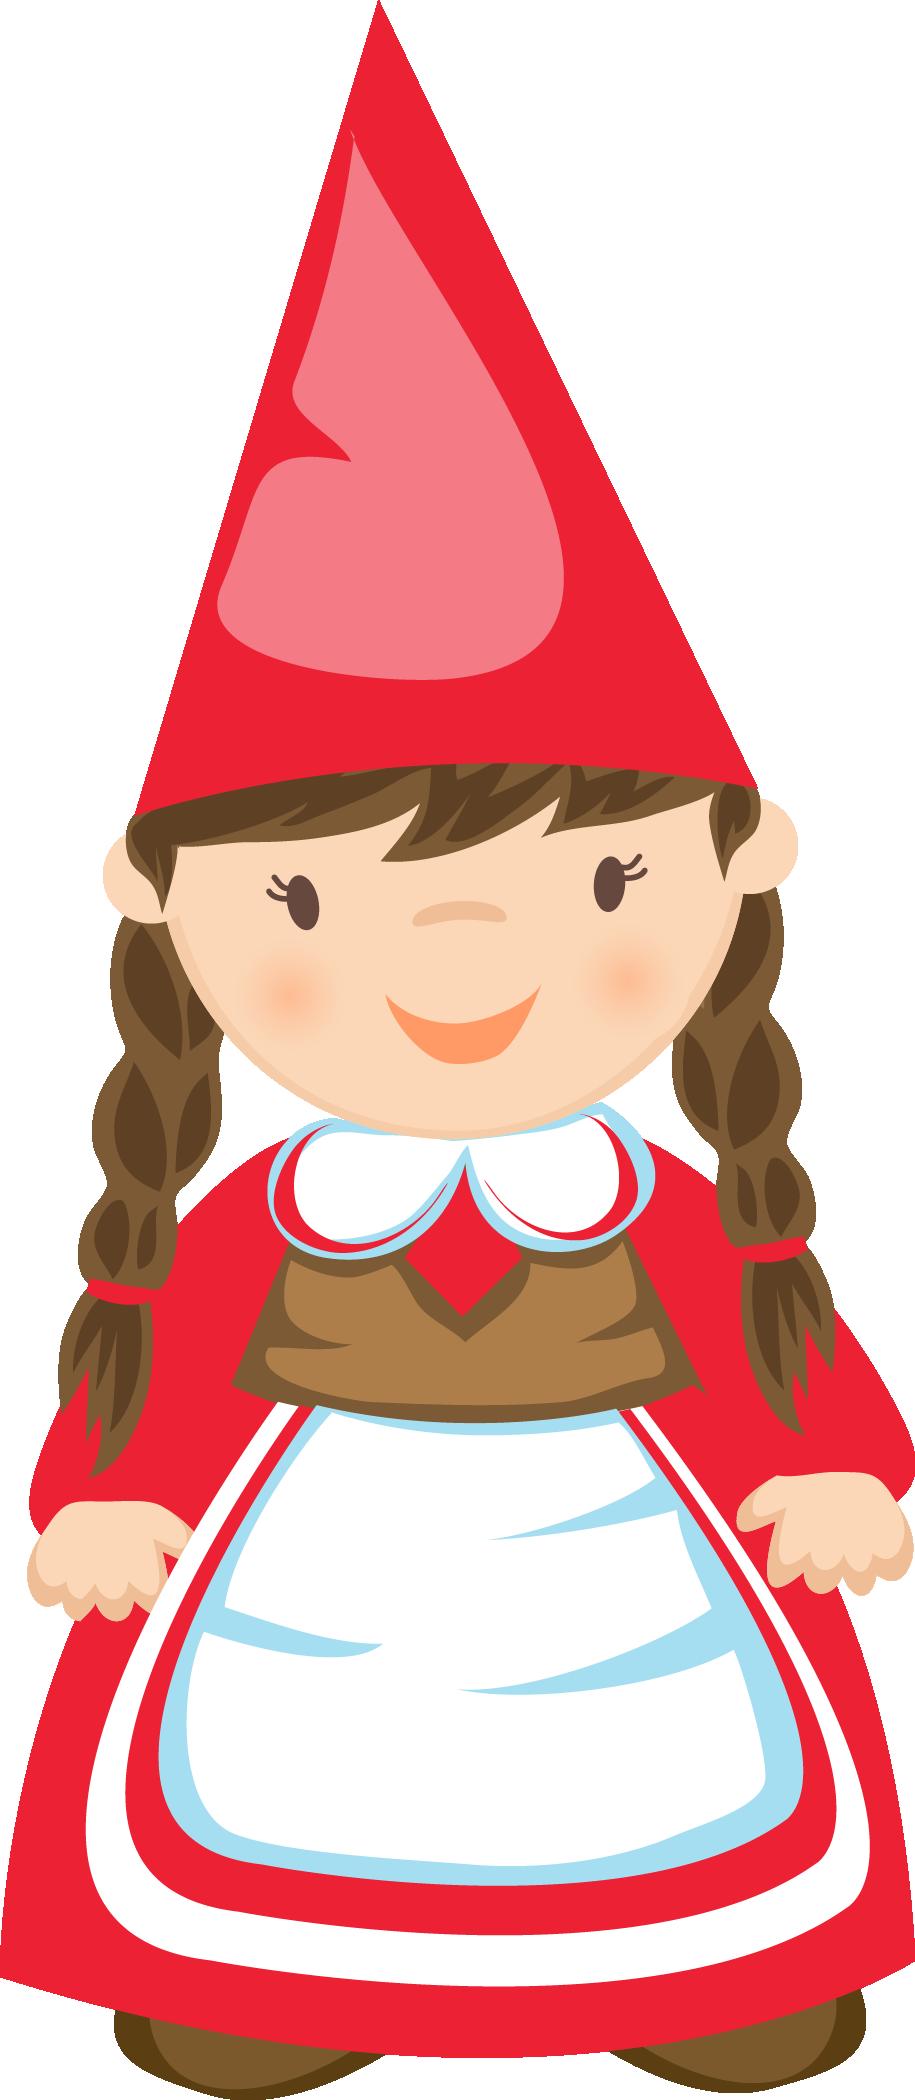 girl gnome clip art gnomes clipart pinterest gnomes rh pinterest com garden gnome clipart garden gnome clipart